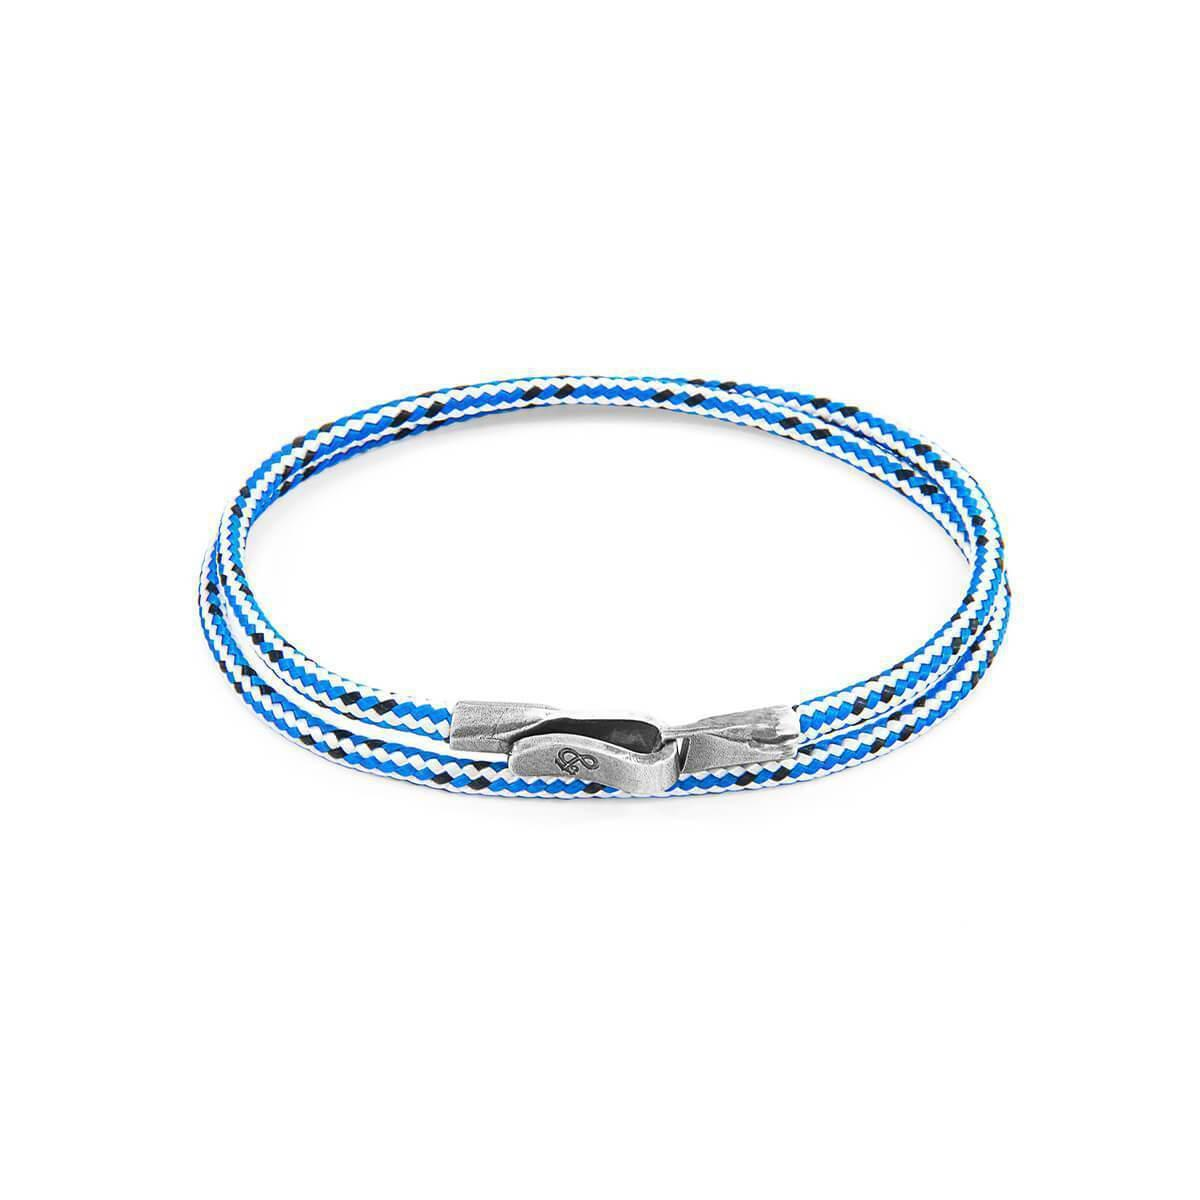 Anchor & Crew Blue Dash Liverpool Silver And Rope Bracelet - 21cm (most popular) V6BI3zEv